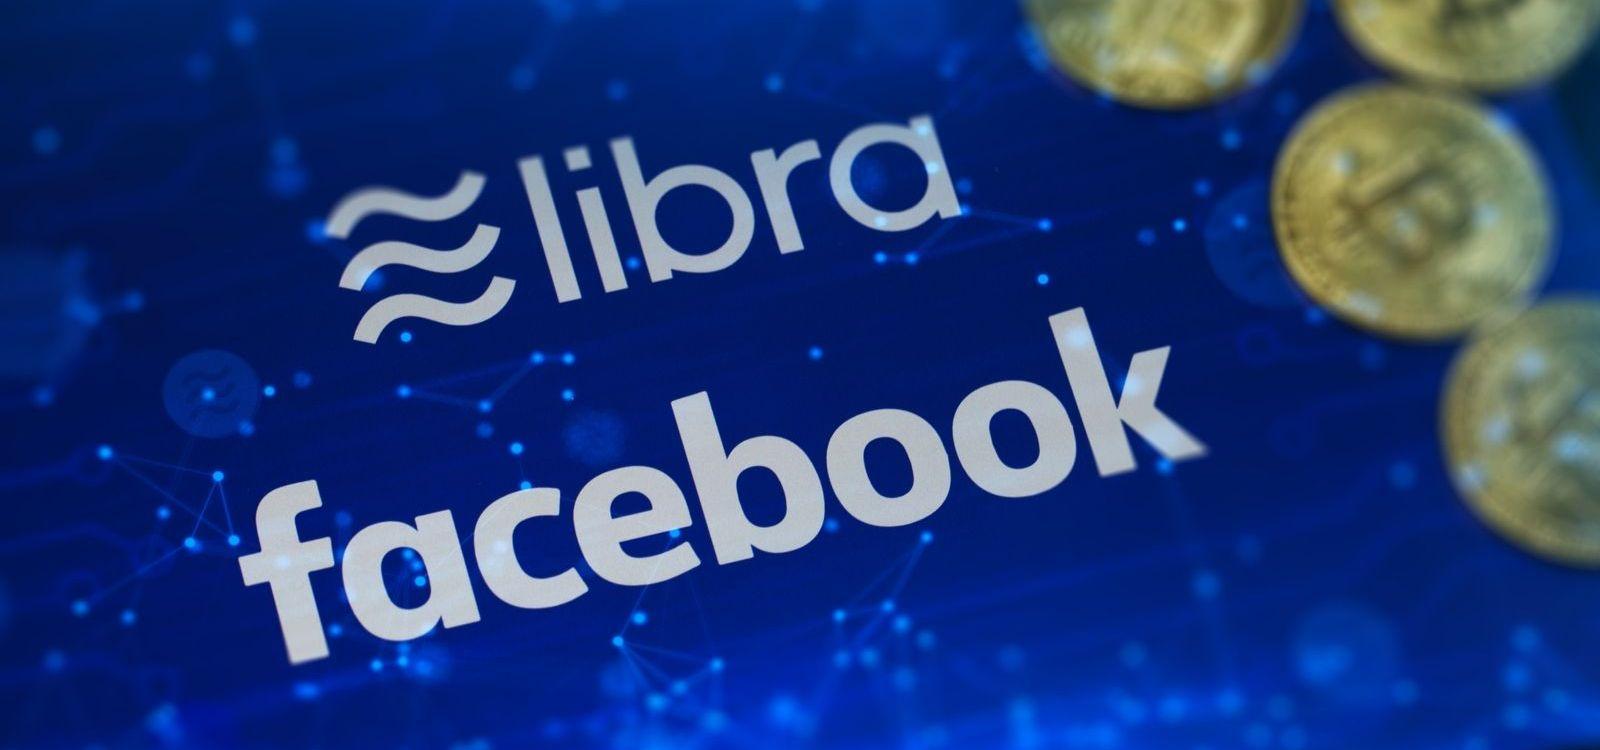 libra facebook crypto-monnaie